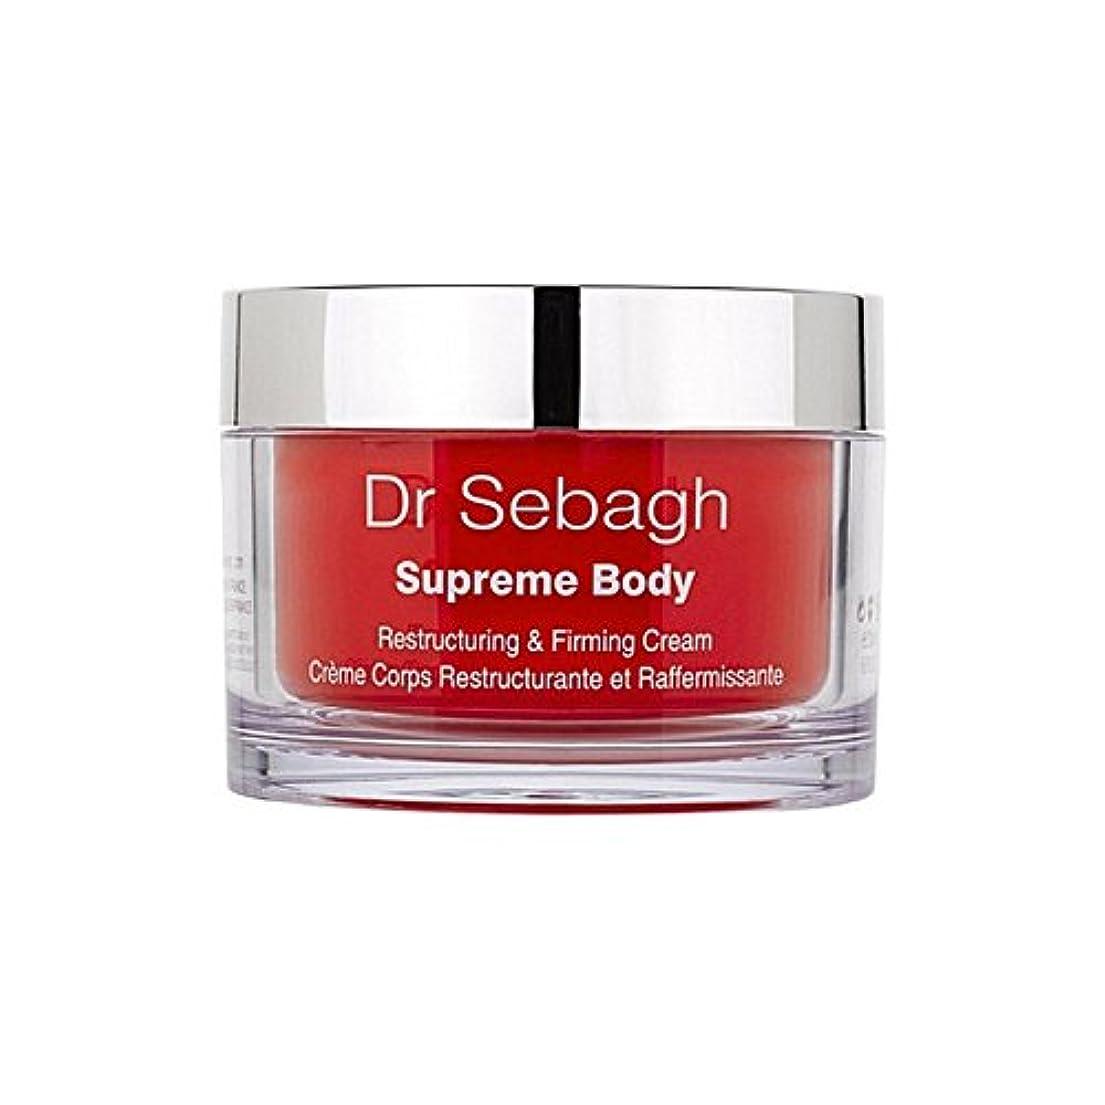 応援する首謀者乳白Dr Sebagh Supreme Body Cream 200ml - 最高のボディクリーム200ミリリットル [並行輸入品]